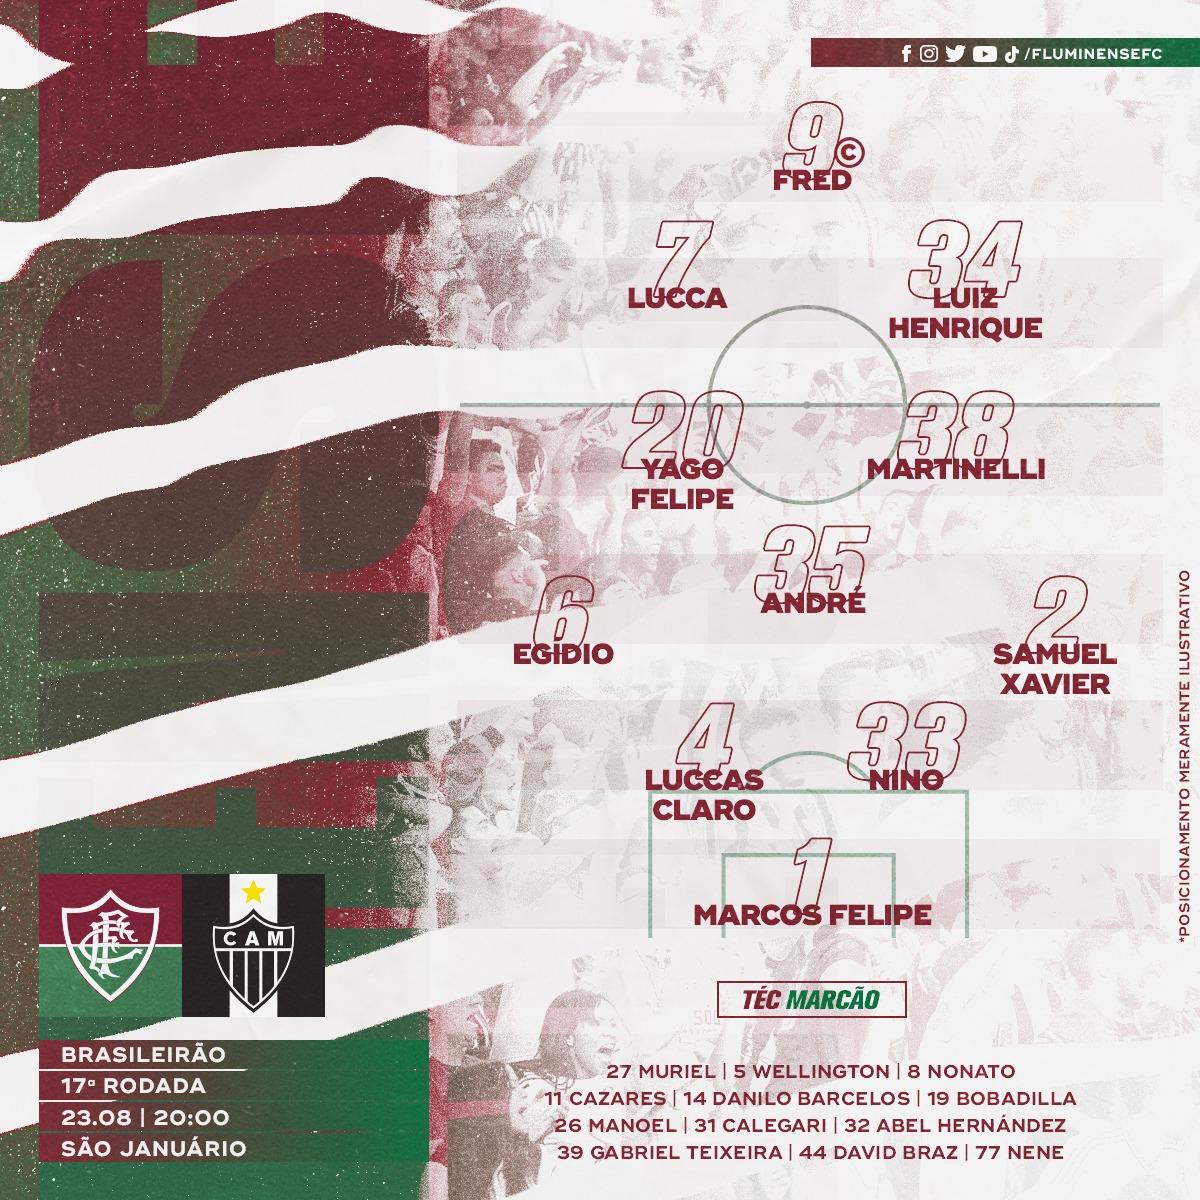 Fluminense escalado para pegar o Atlético-MG pelo Campeonato Brasileiro